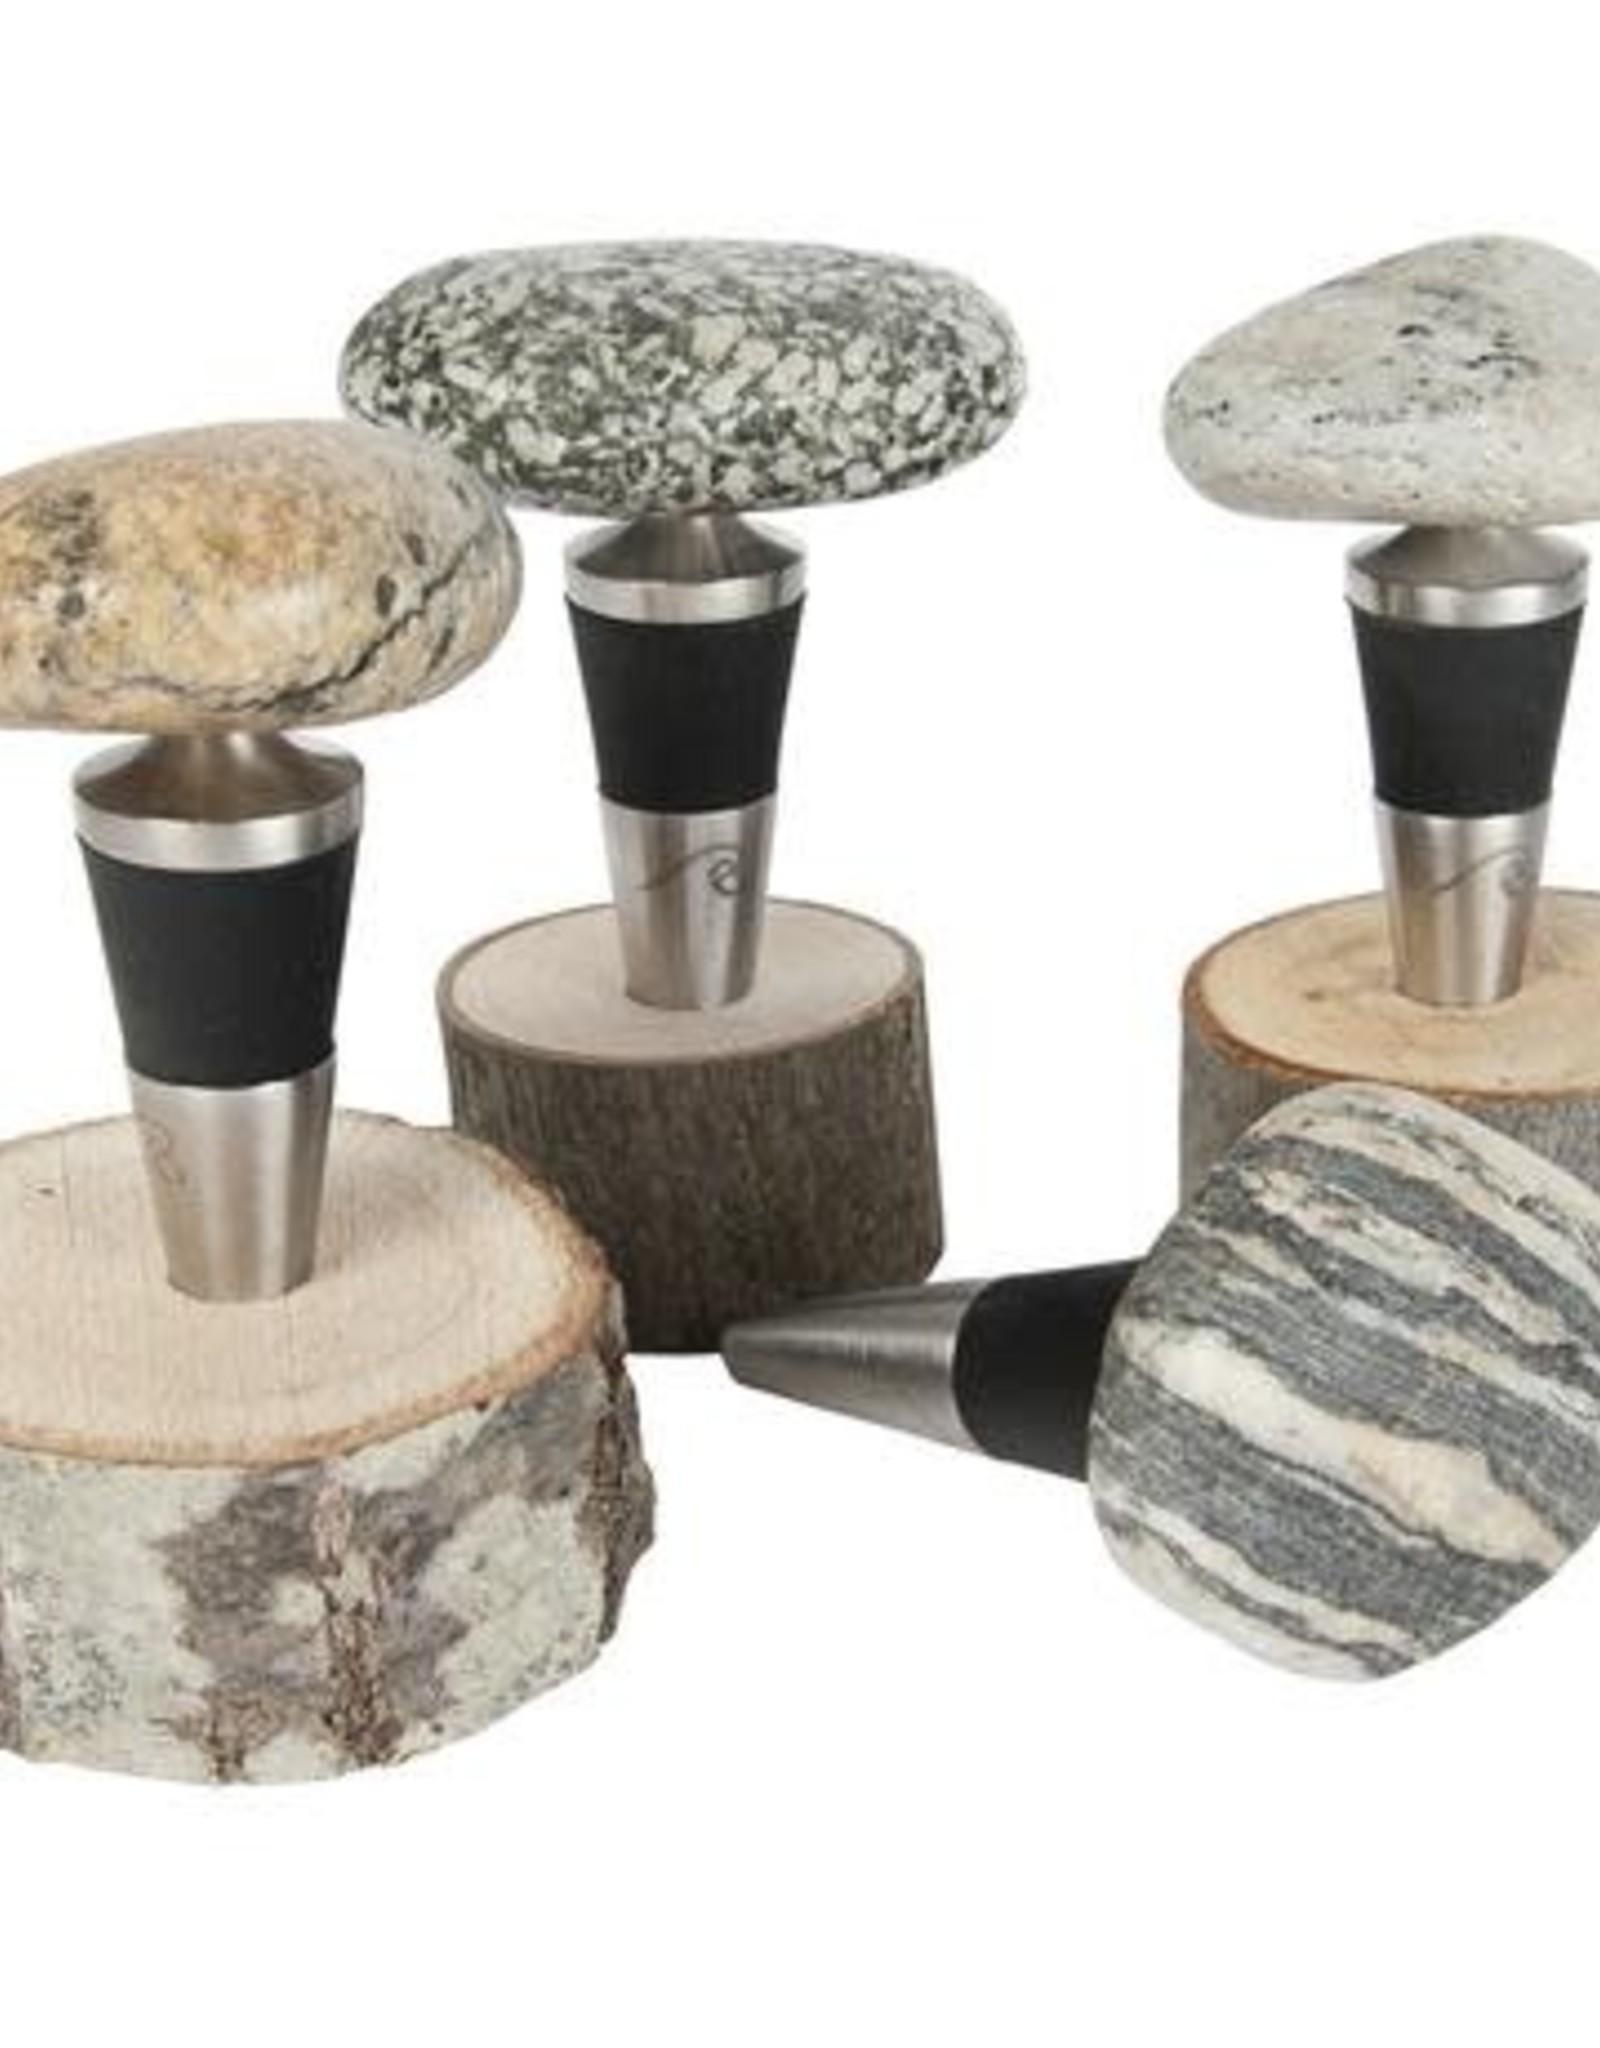 Sea Stones Inc. Wine Bottle Stopper